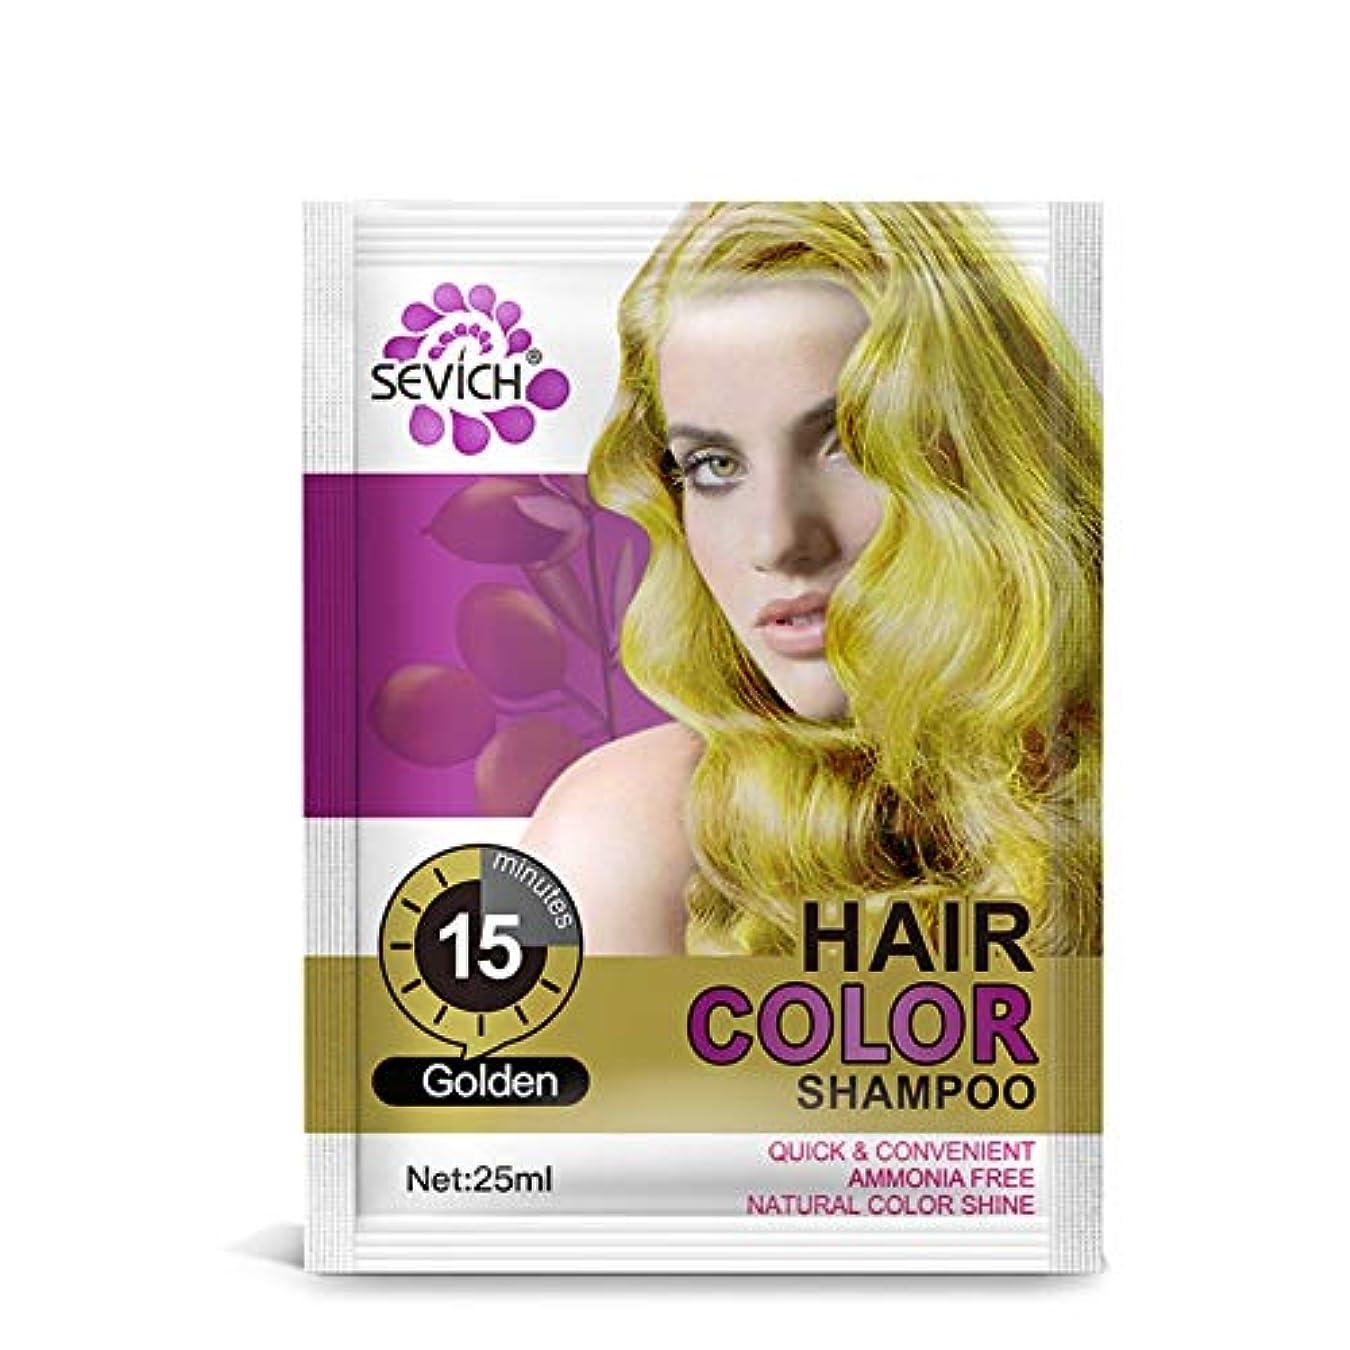 バッチグレード信号ヘアカラー ヘア染め ヘアカラースタイリング 髪の色のシャンプ スタイリングカラーヘアシャンプー 純粋な植物 自然 刺激ない ヘアケア Cutelove